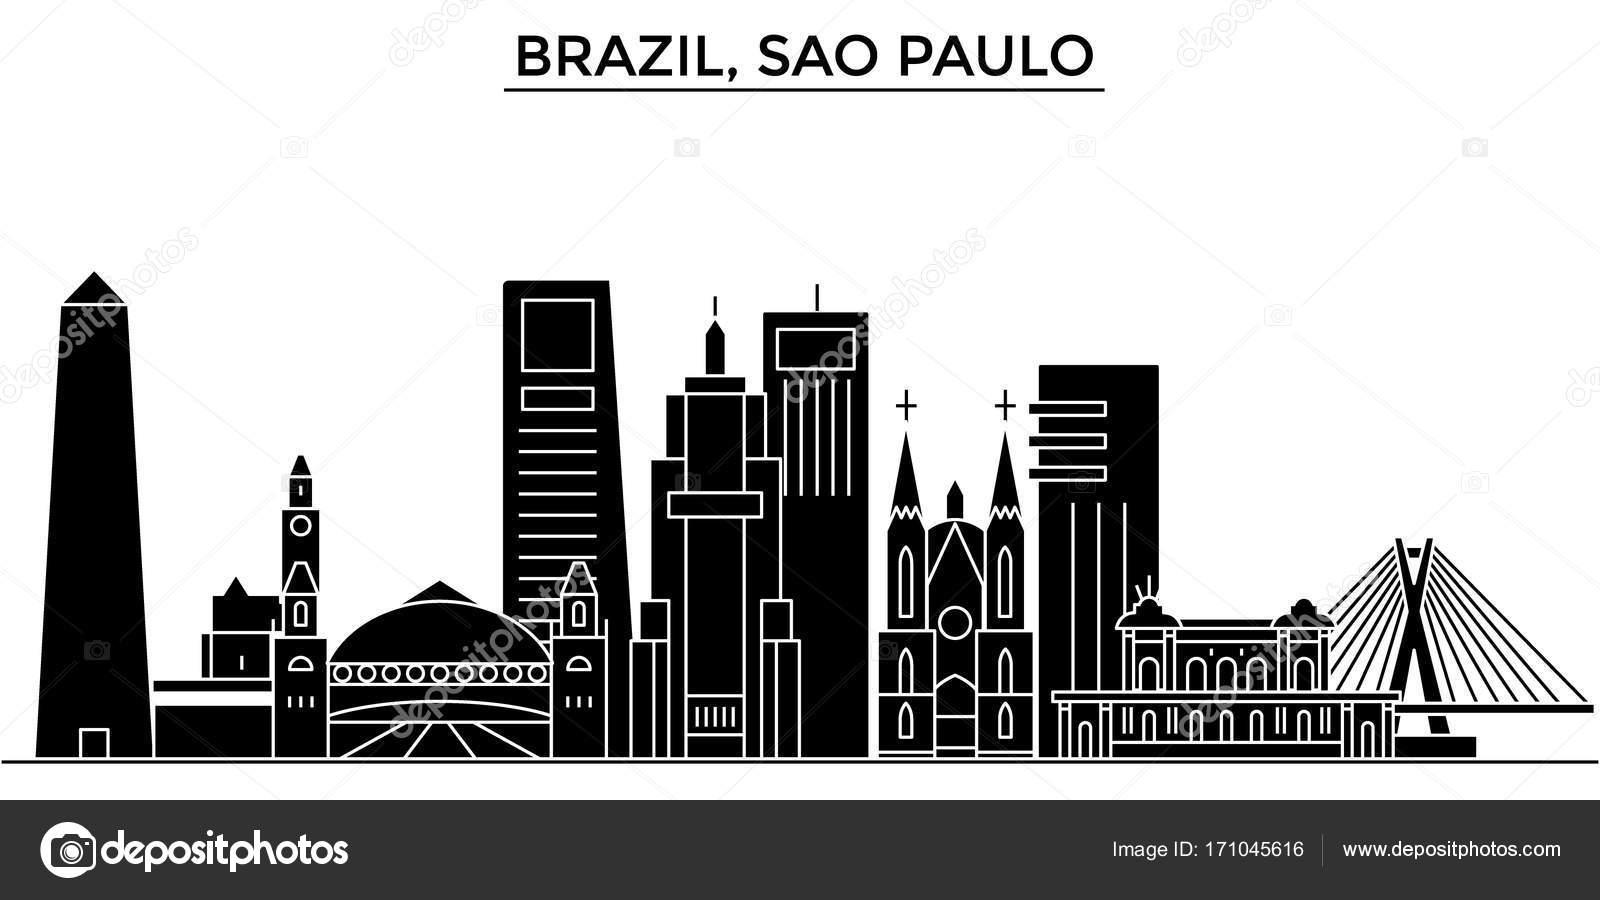 eaf71d9061 Brazilië